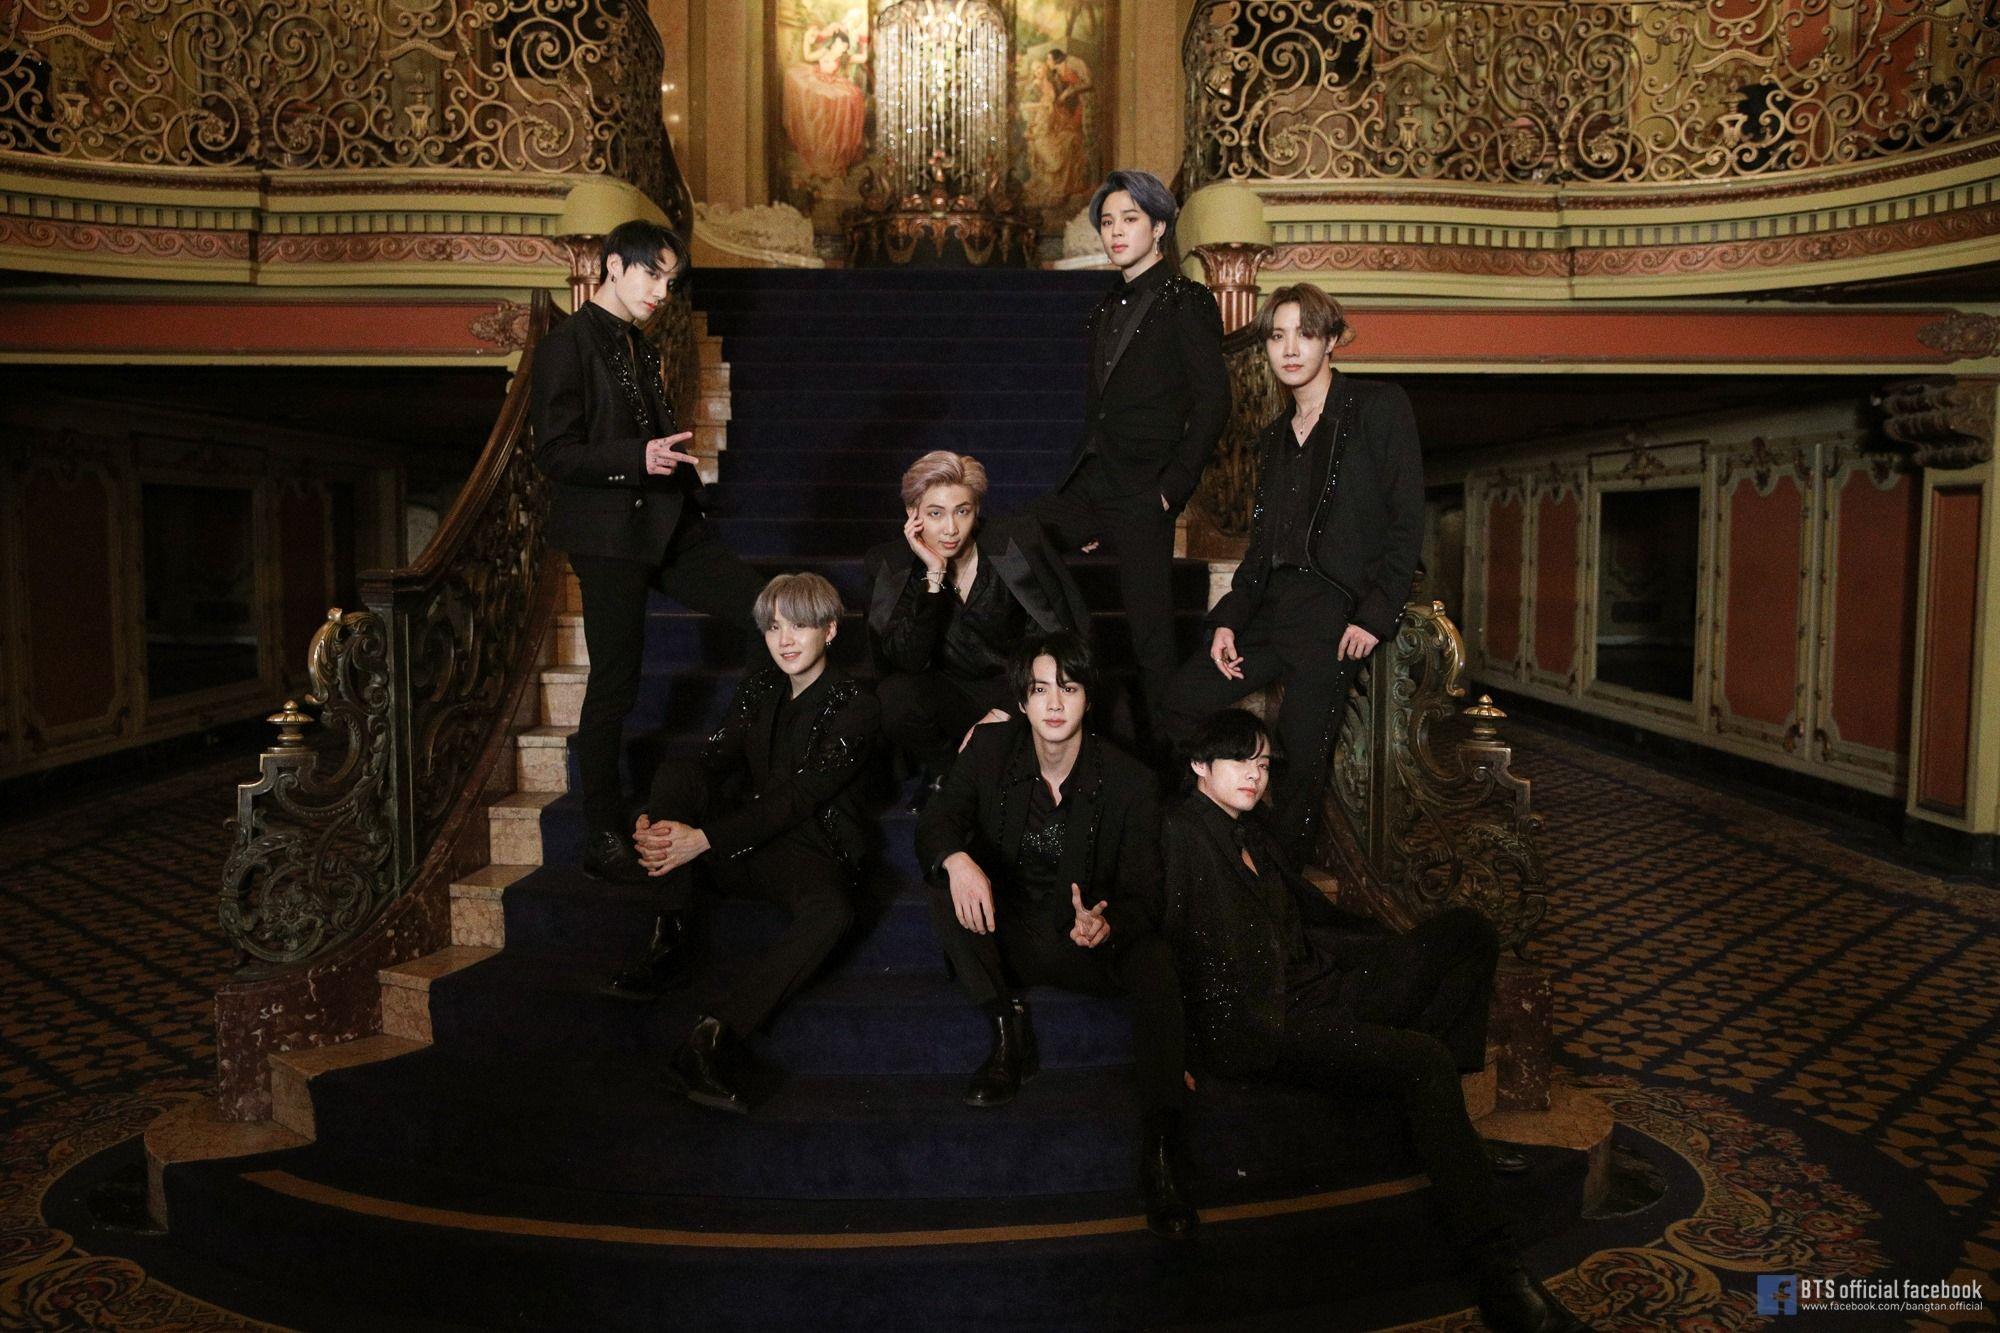 Bts 방탄솜년단 black swan official mv photo sketch in 2020